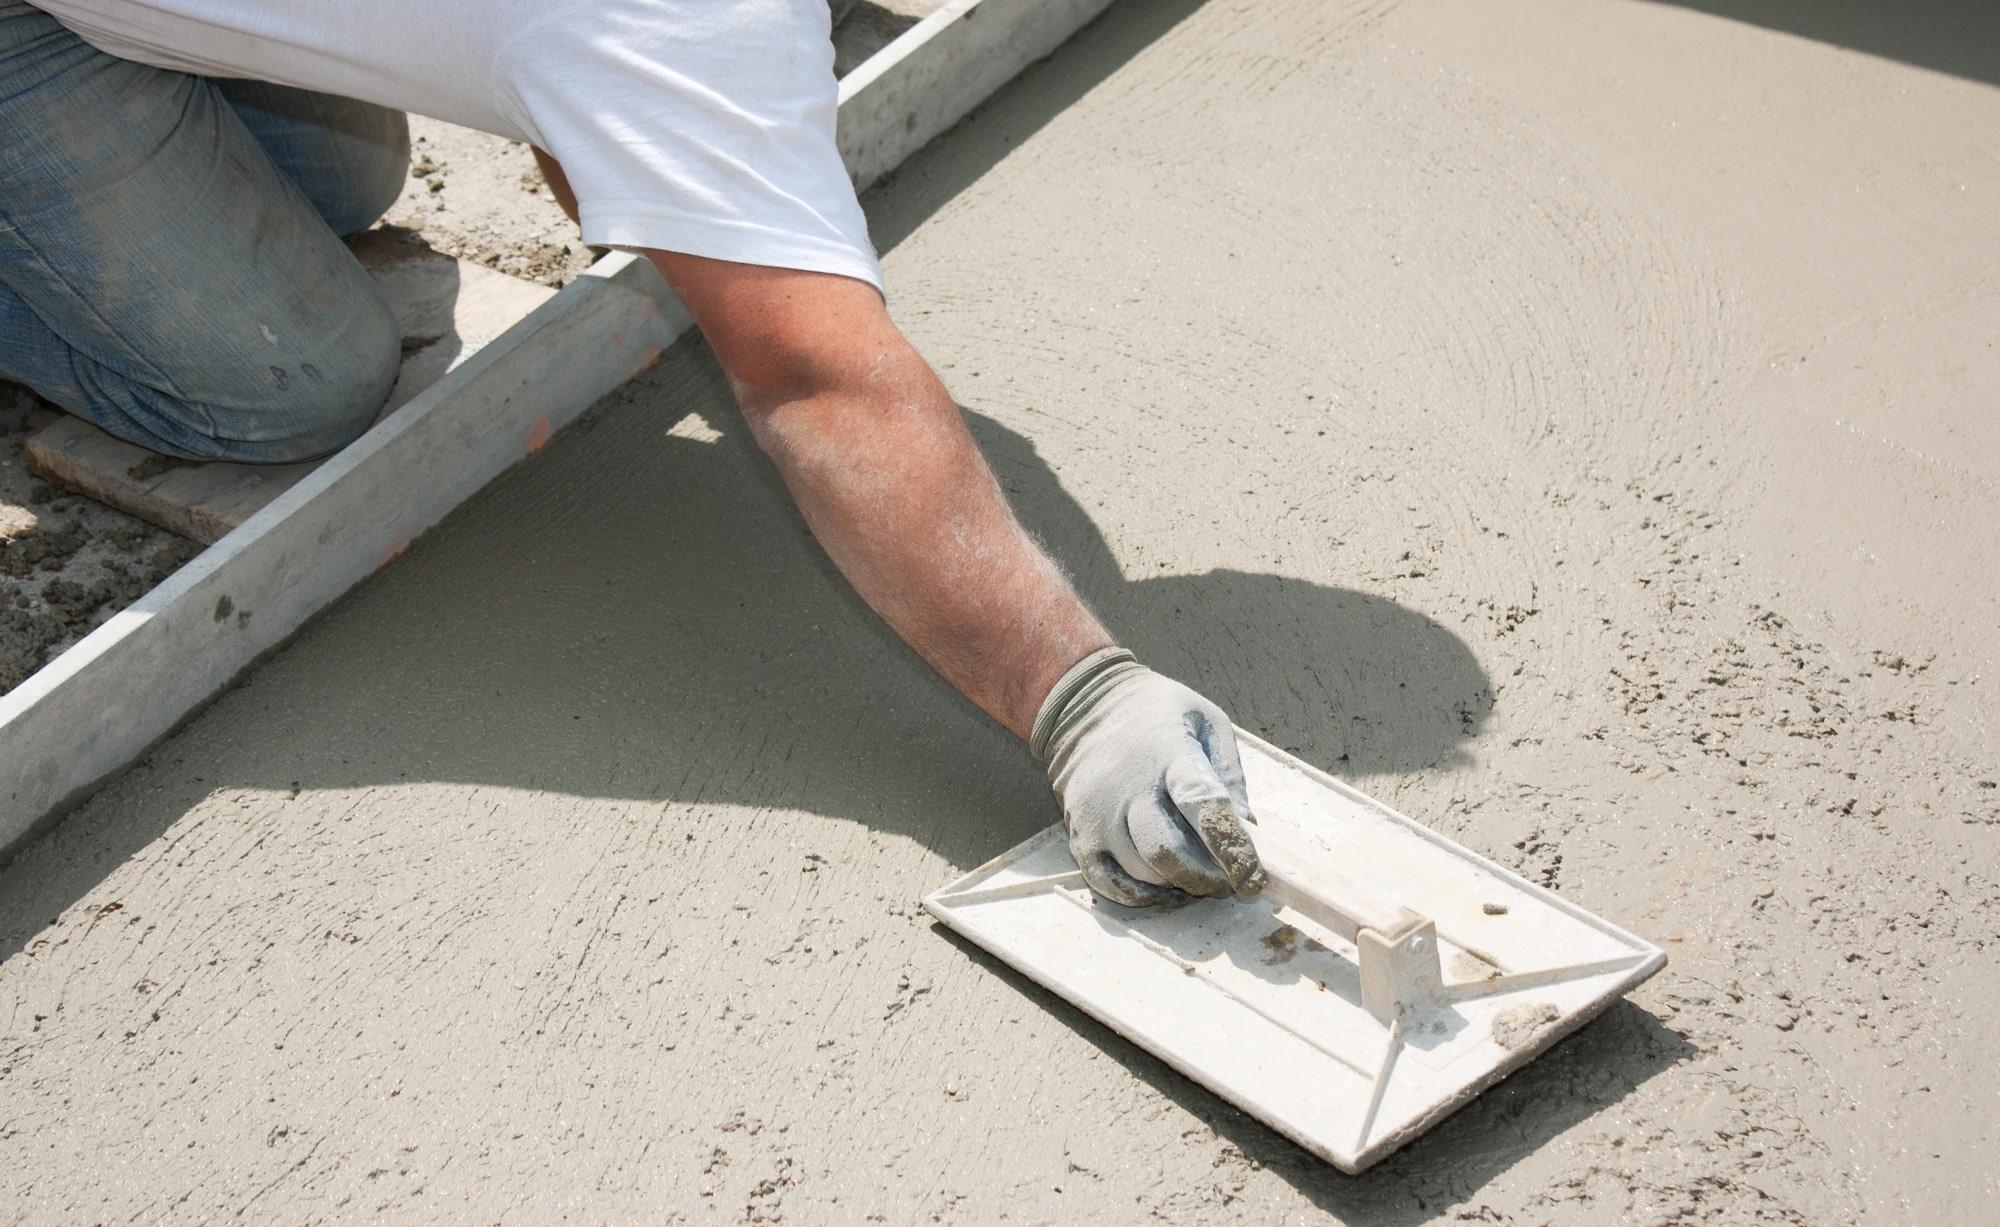 Repairing Damaged Concrete